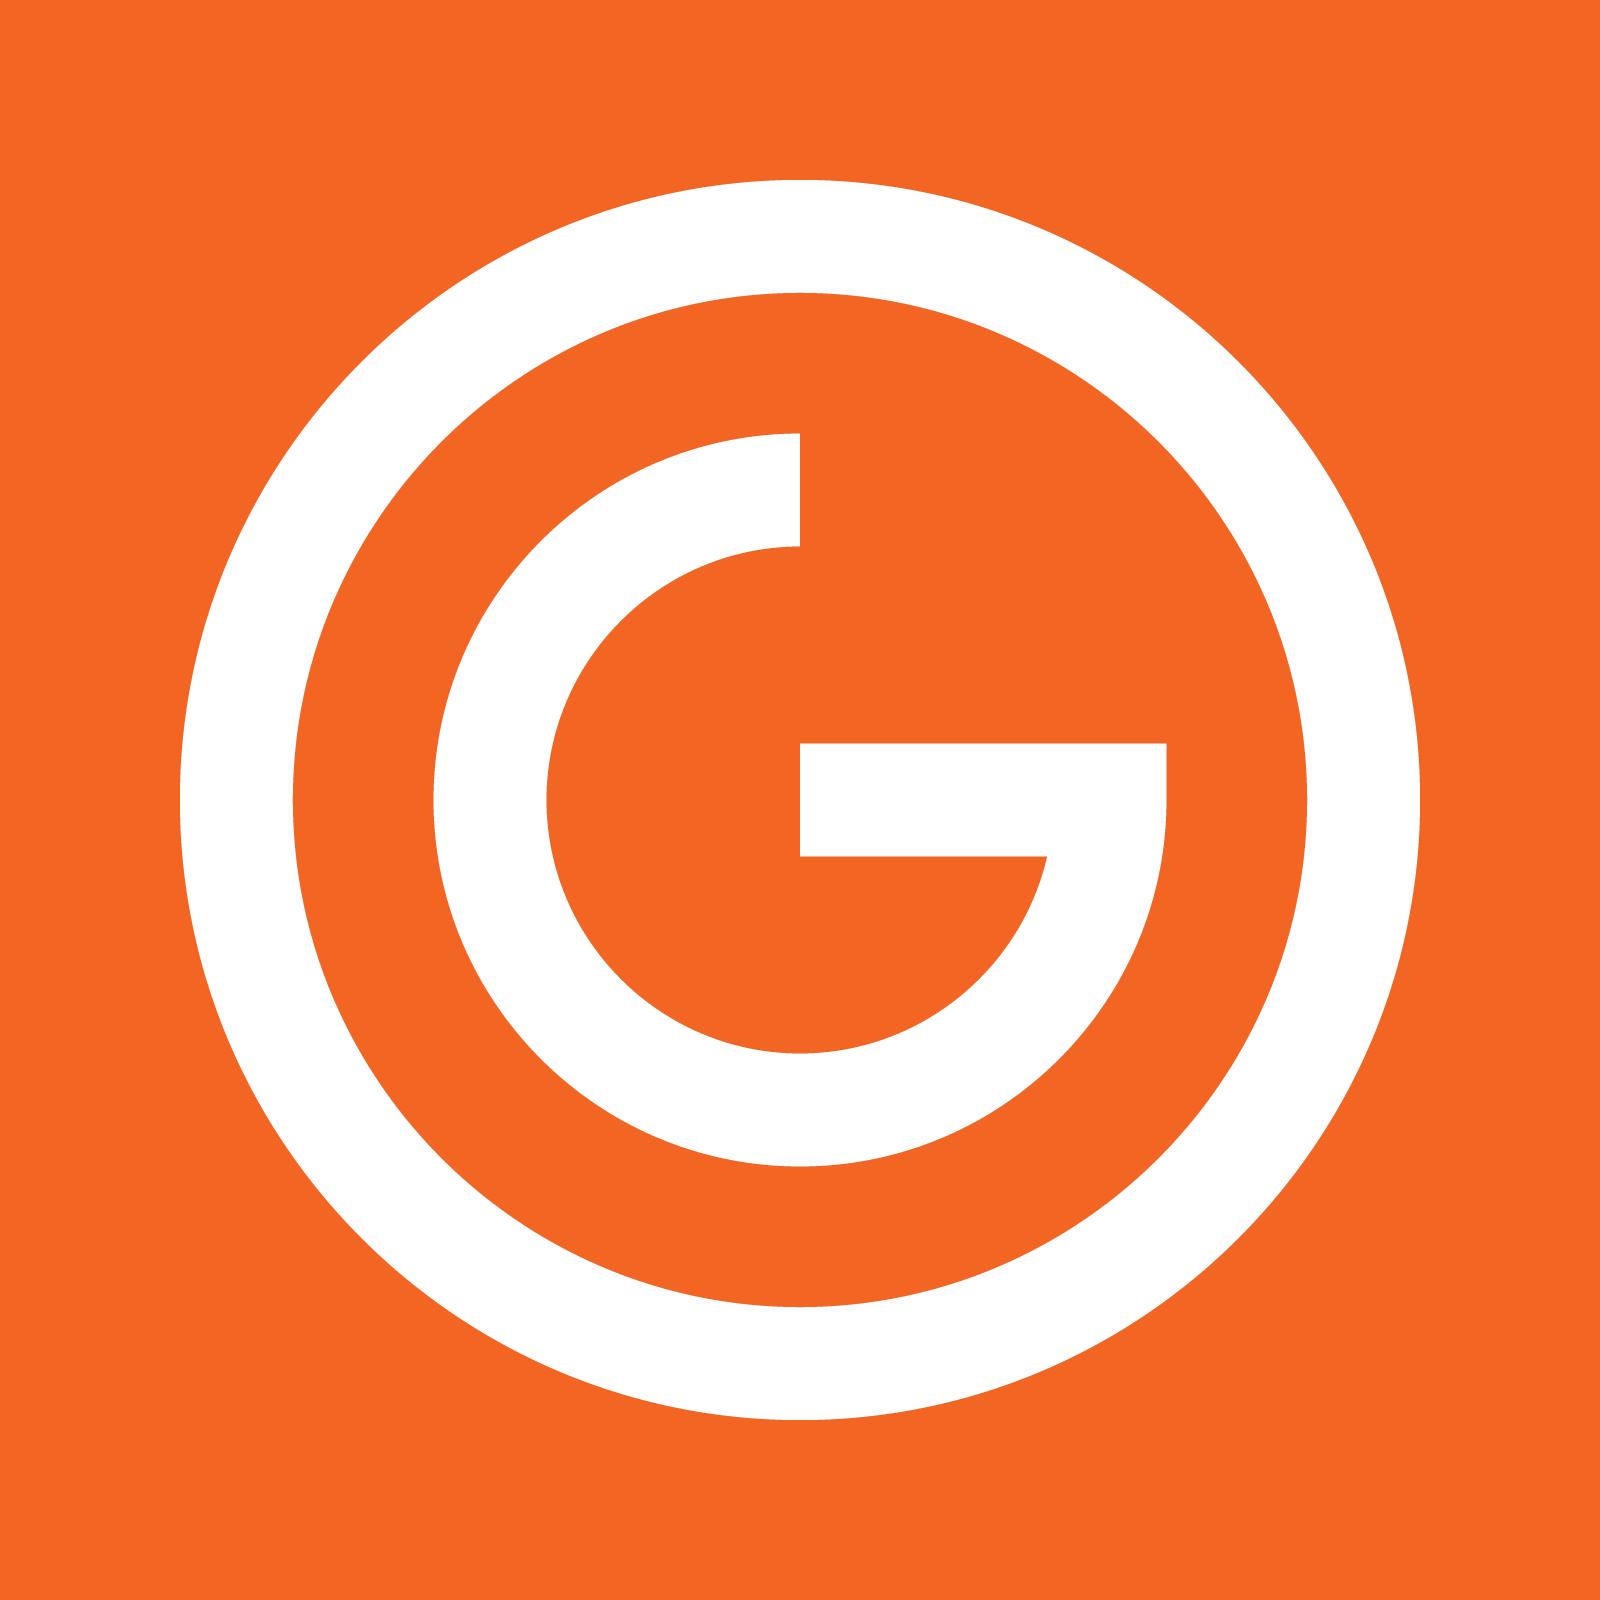 G-Profile_G-au0301-appel